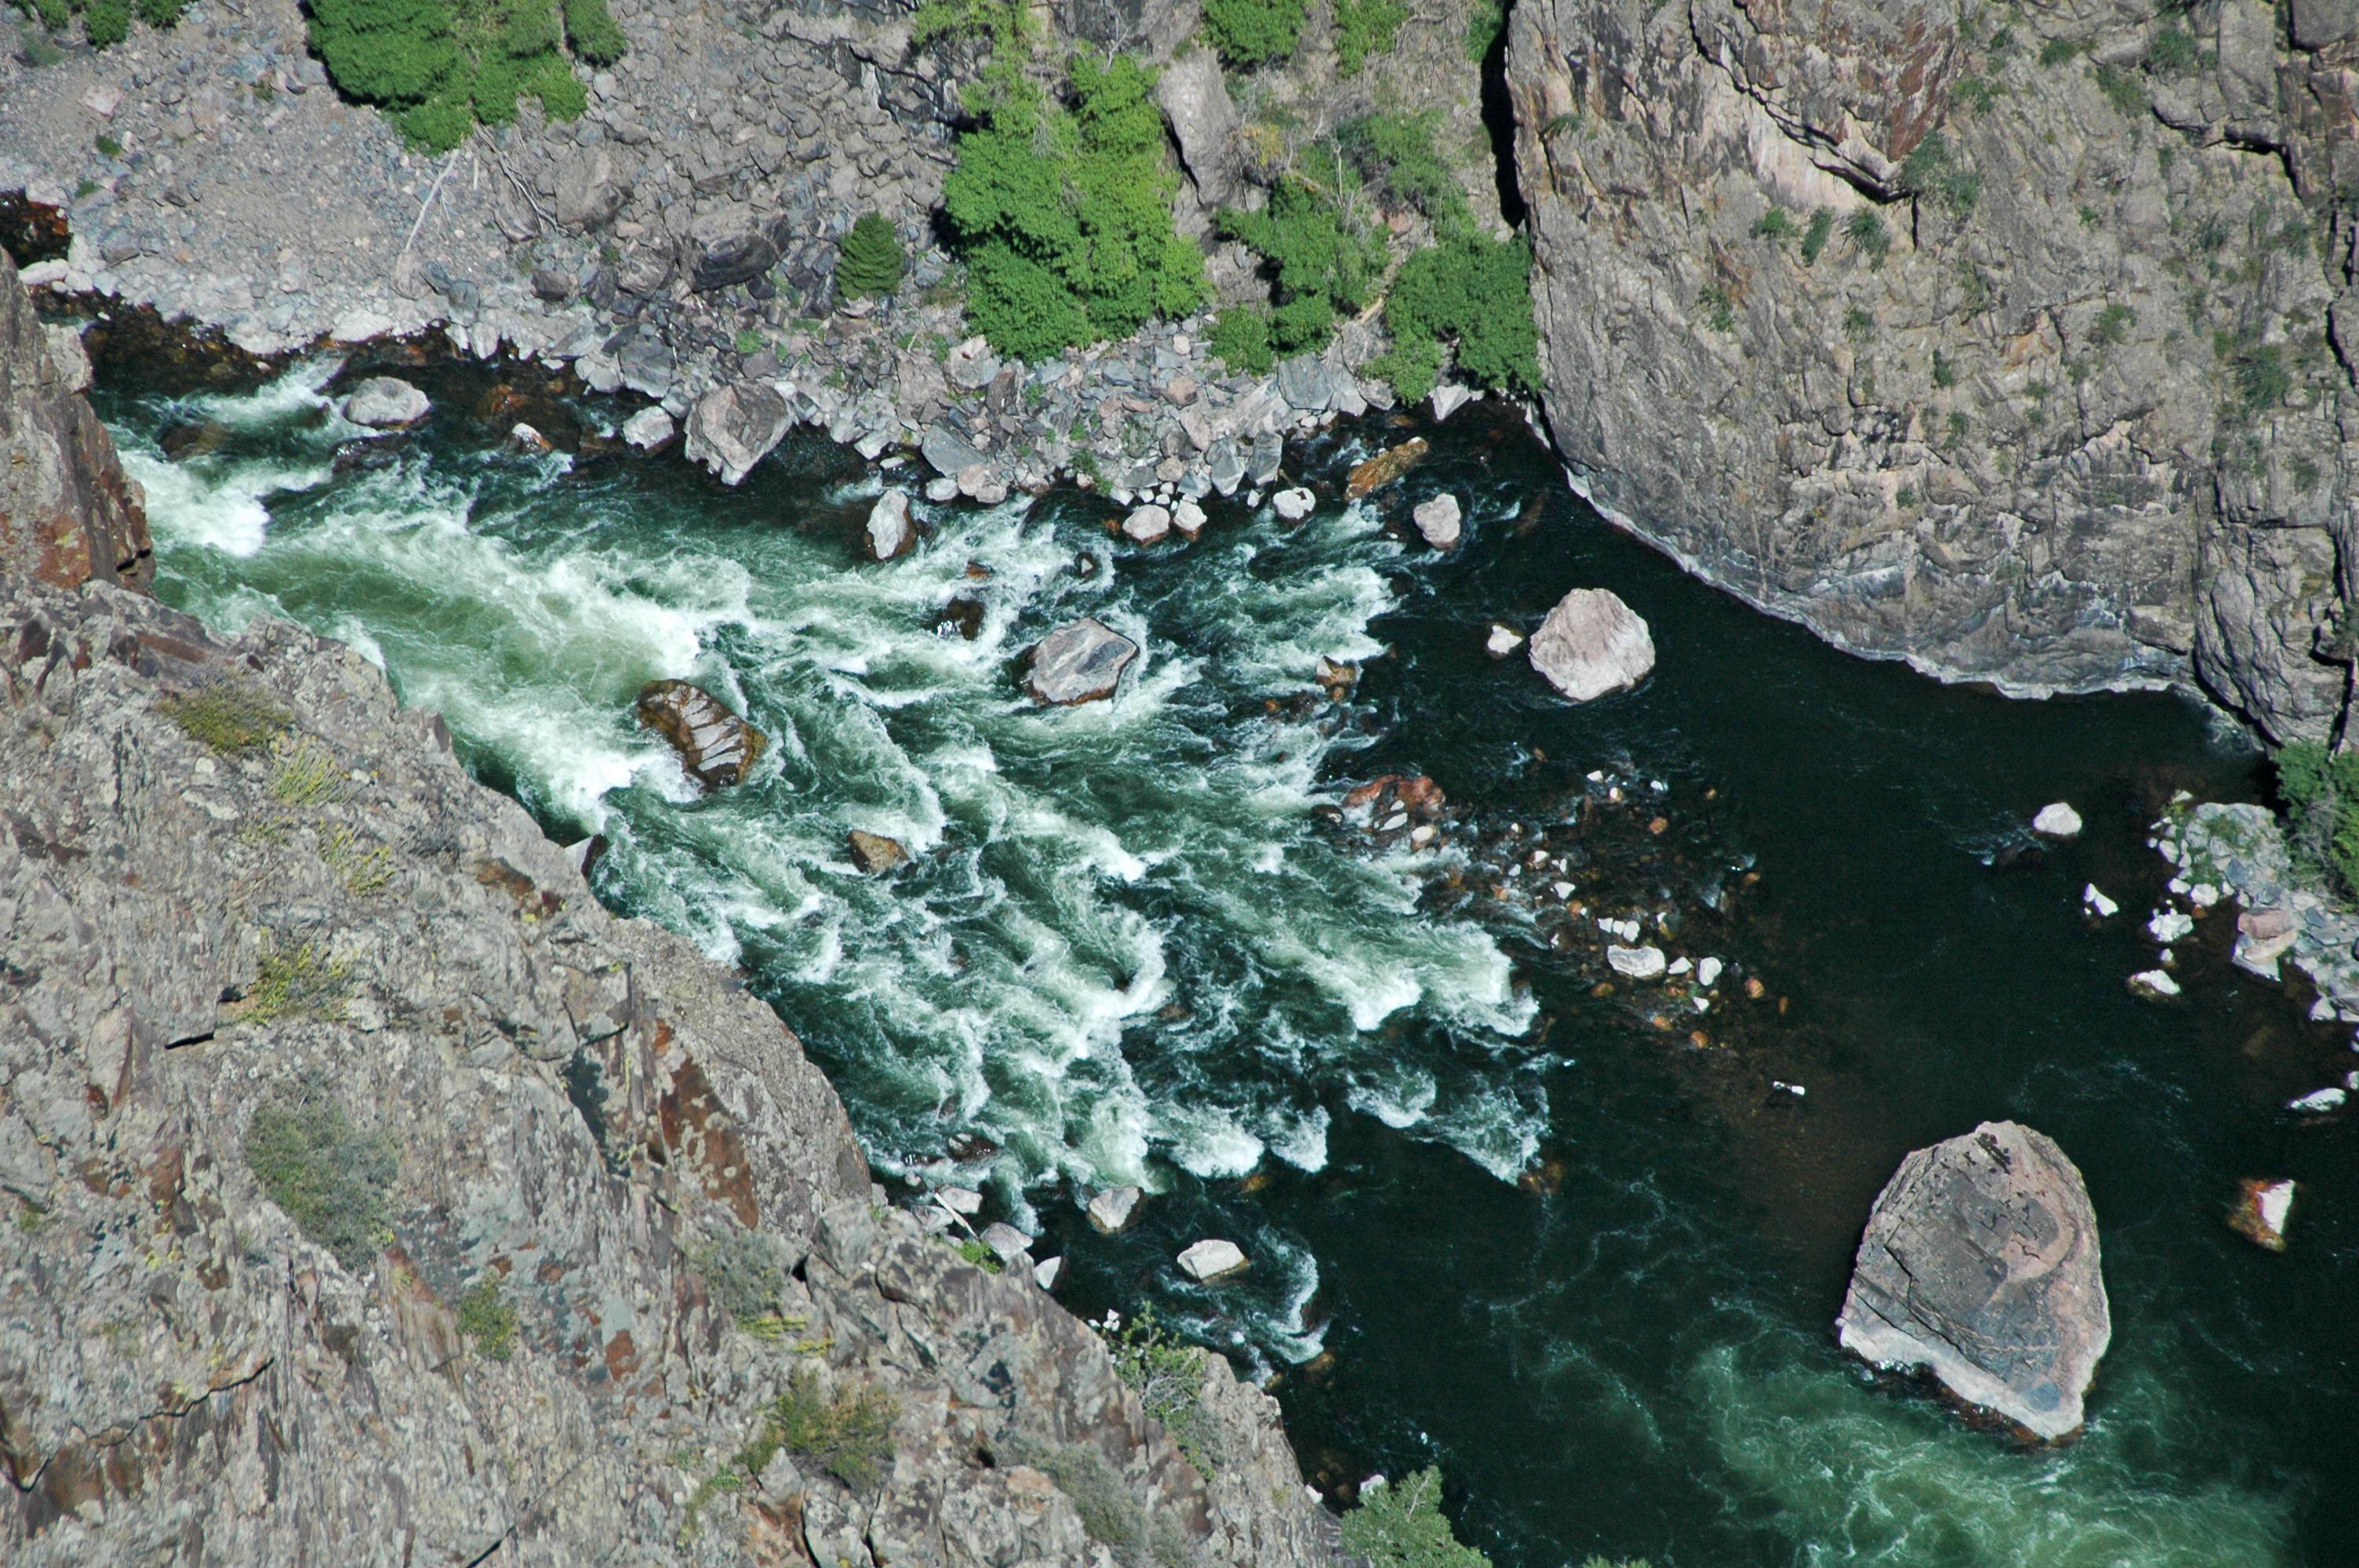 Parc de plaisance gunnison river